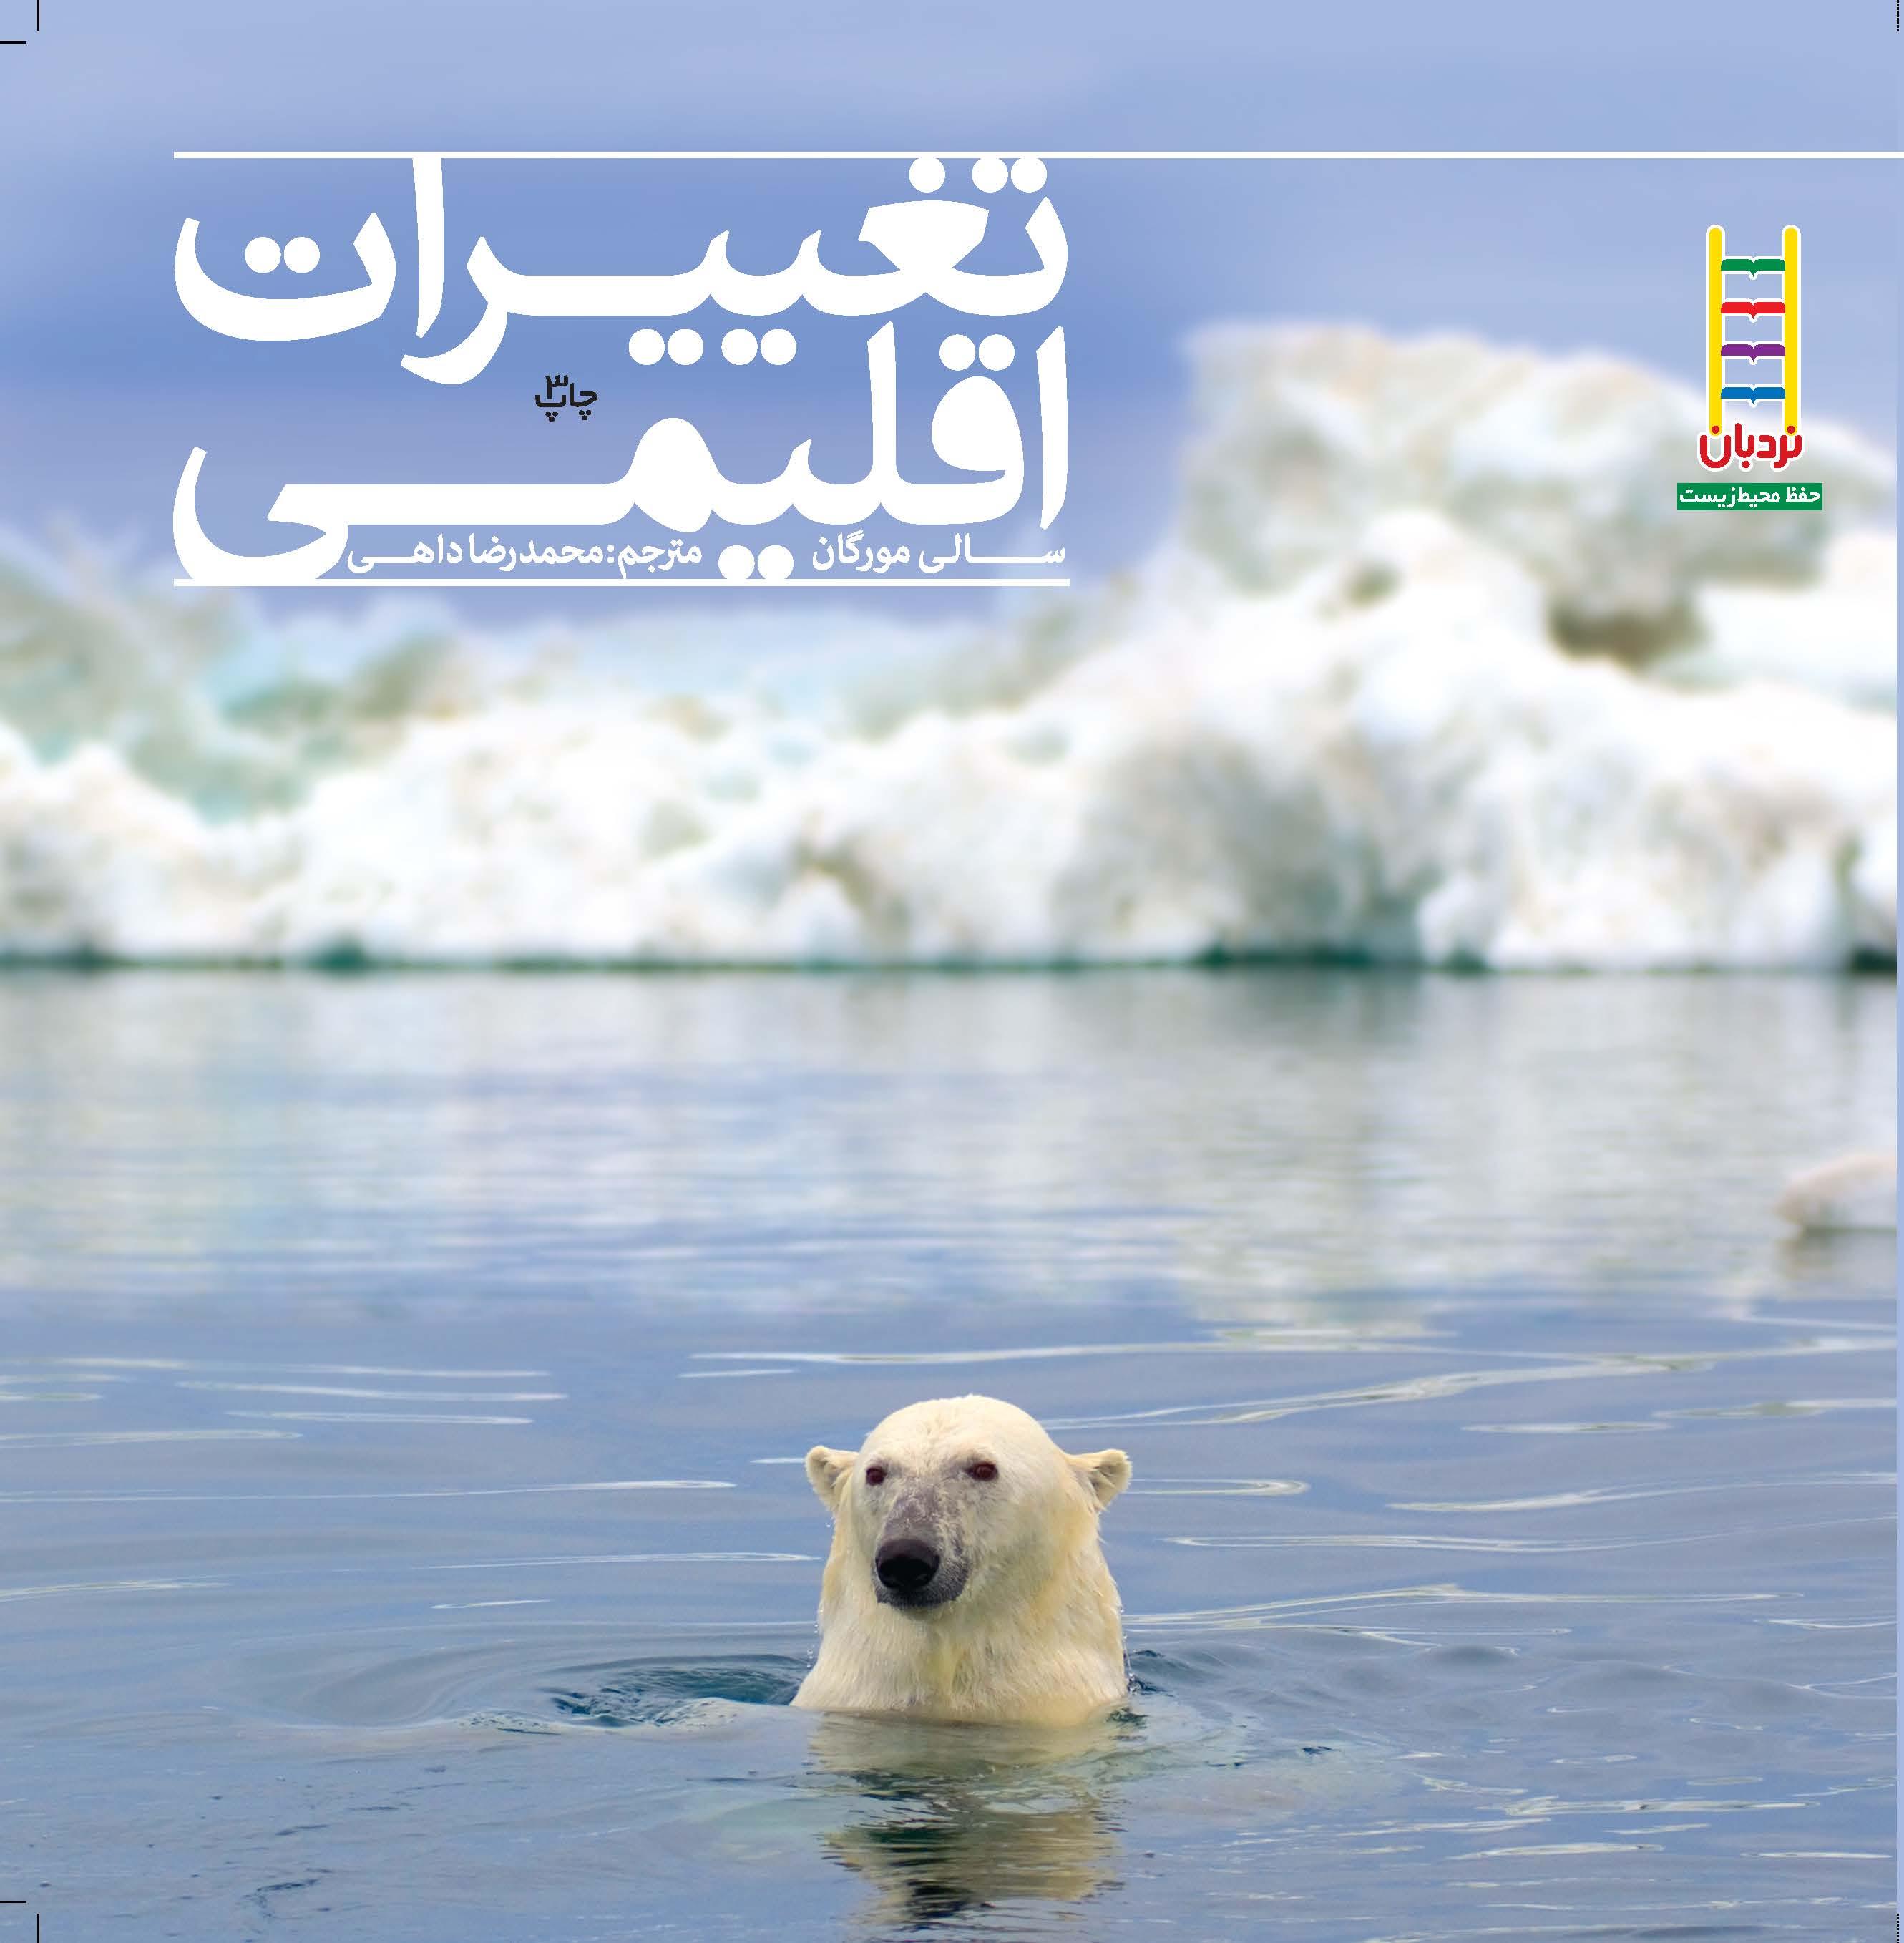 تغییرات اقلیمی(آب و هوا)